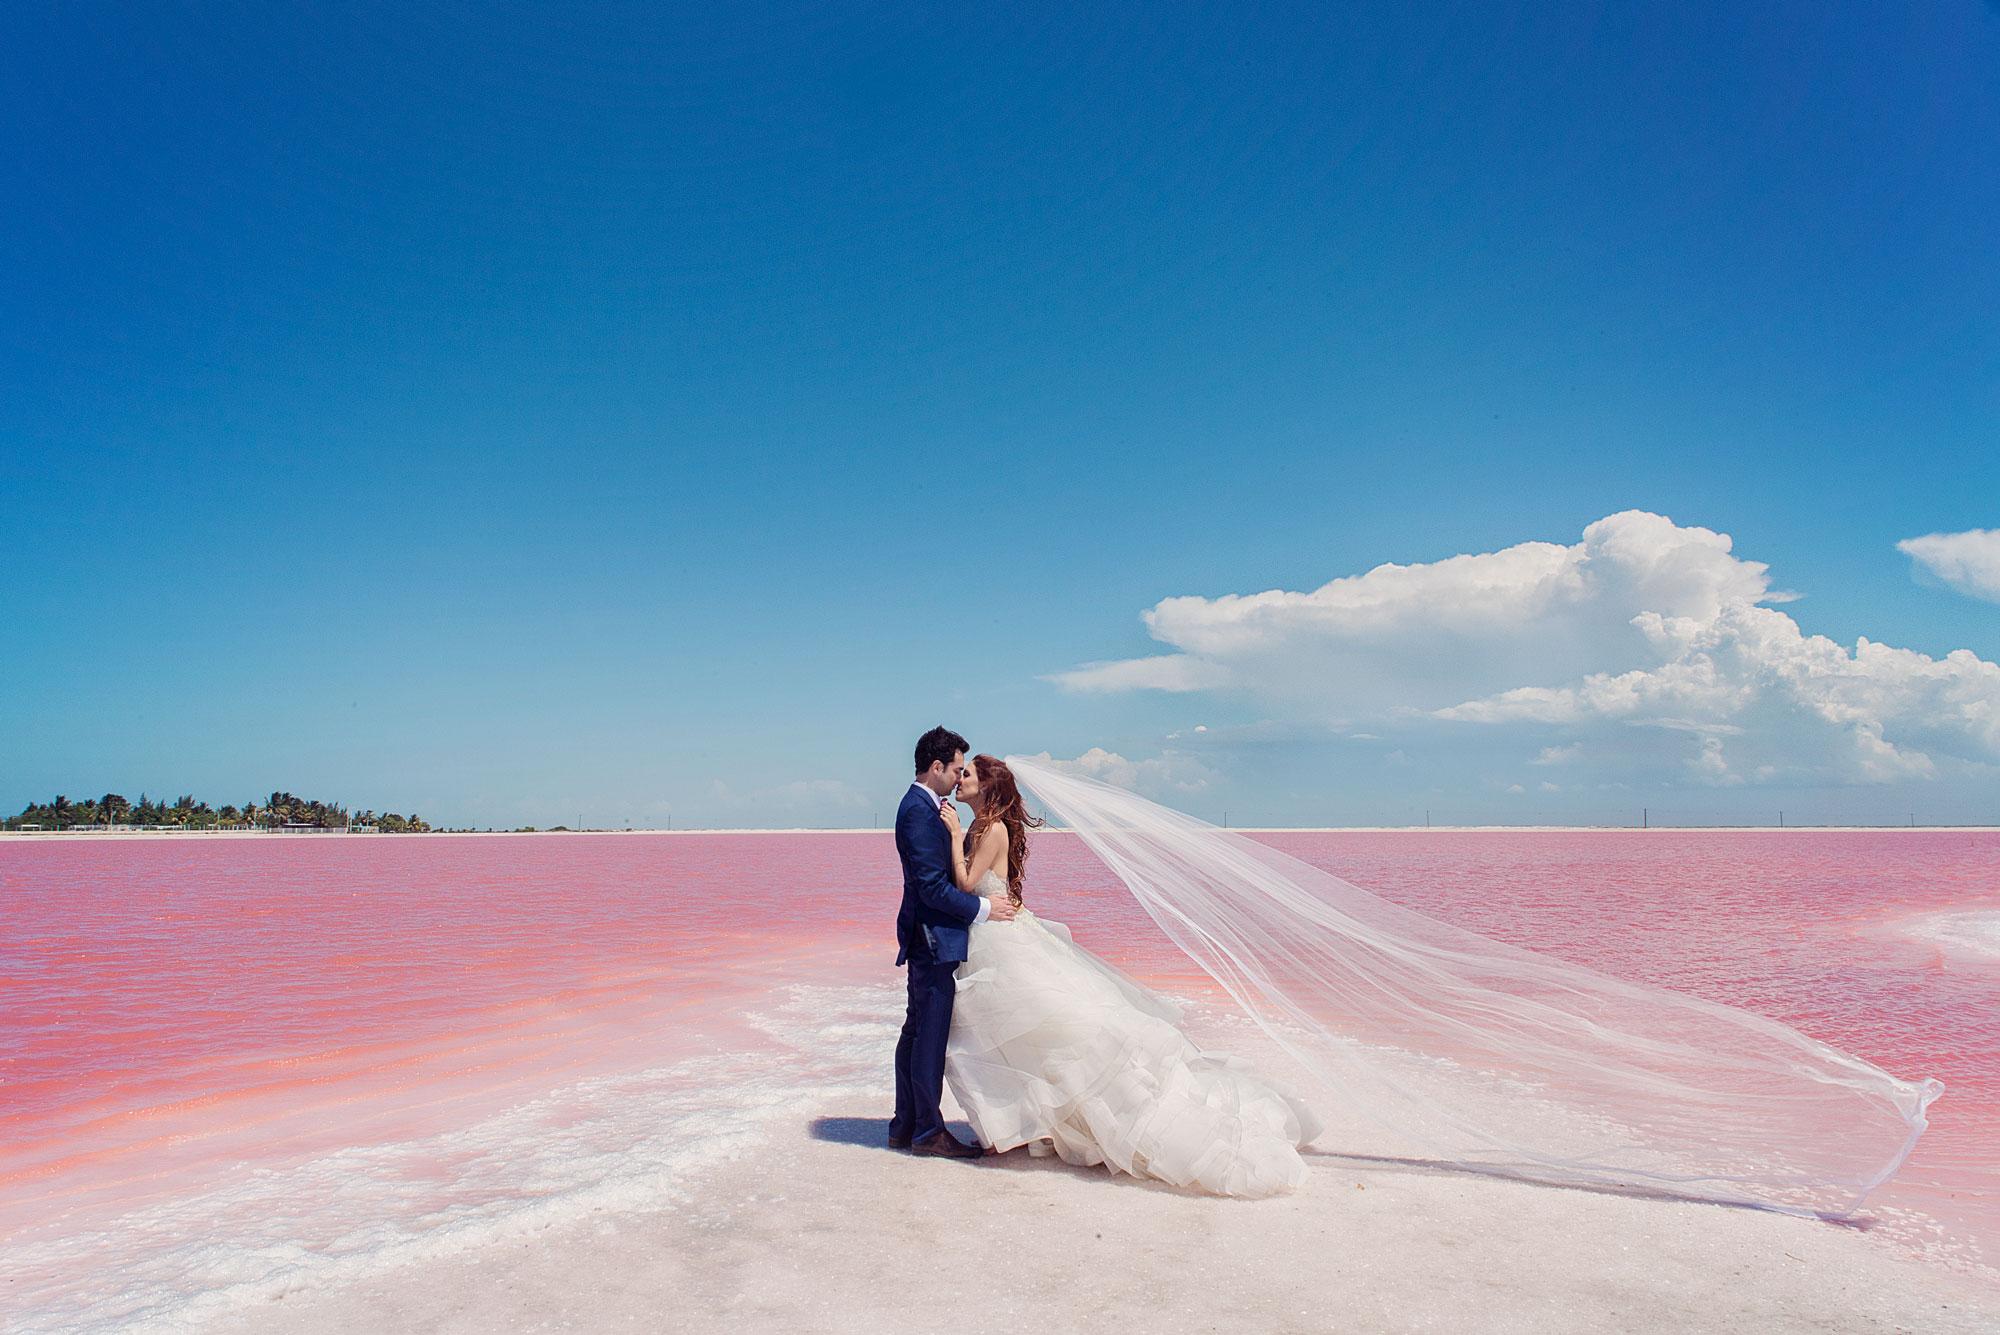 fotofest-mexico--cursos-de-fotografia-ventas-para-fotografos-en-michoacan-mexico--fotografias-por-gina-jacobo20